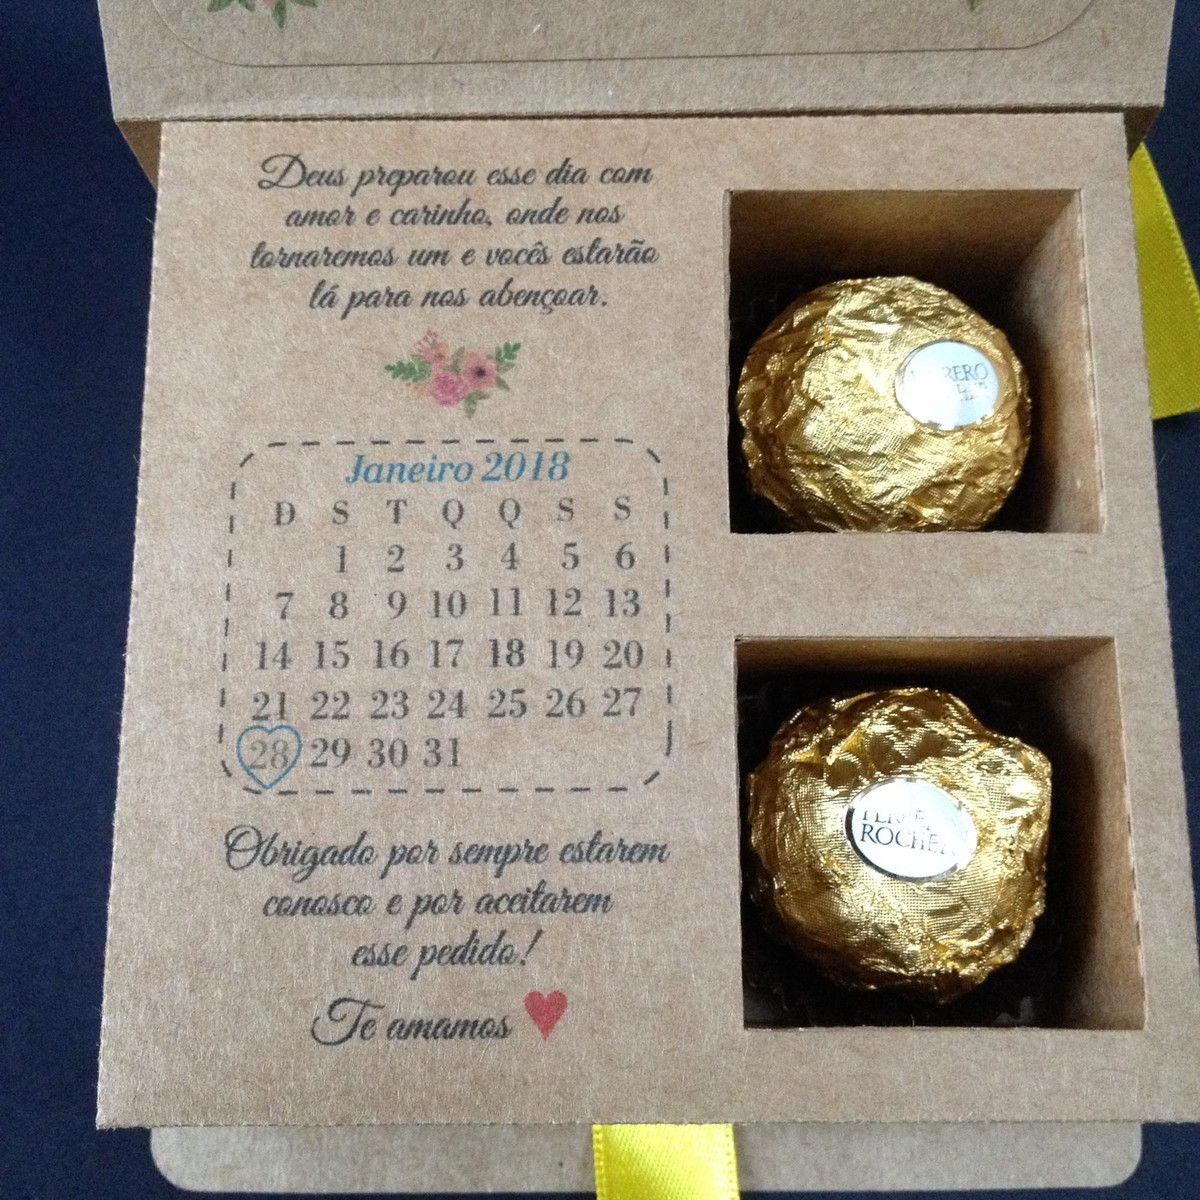 Top Convite Padrinhos (Caixa bombom) | Padrinho de casamento, Caixas  PZ87